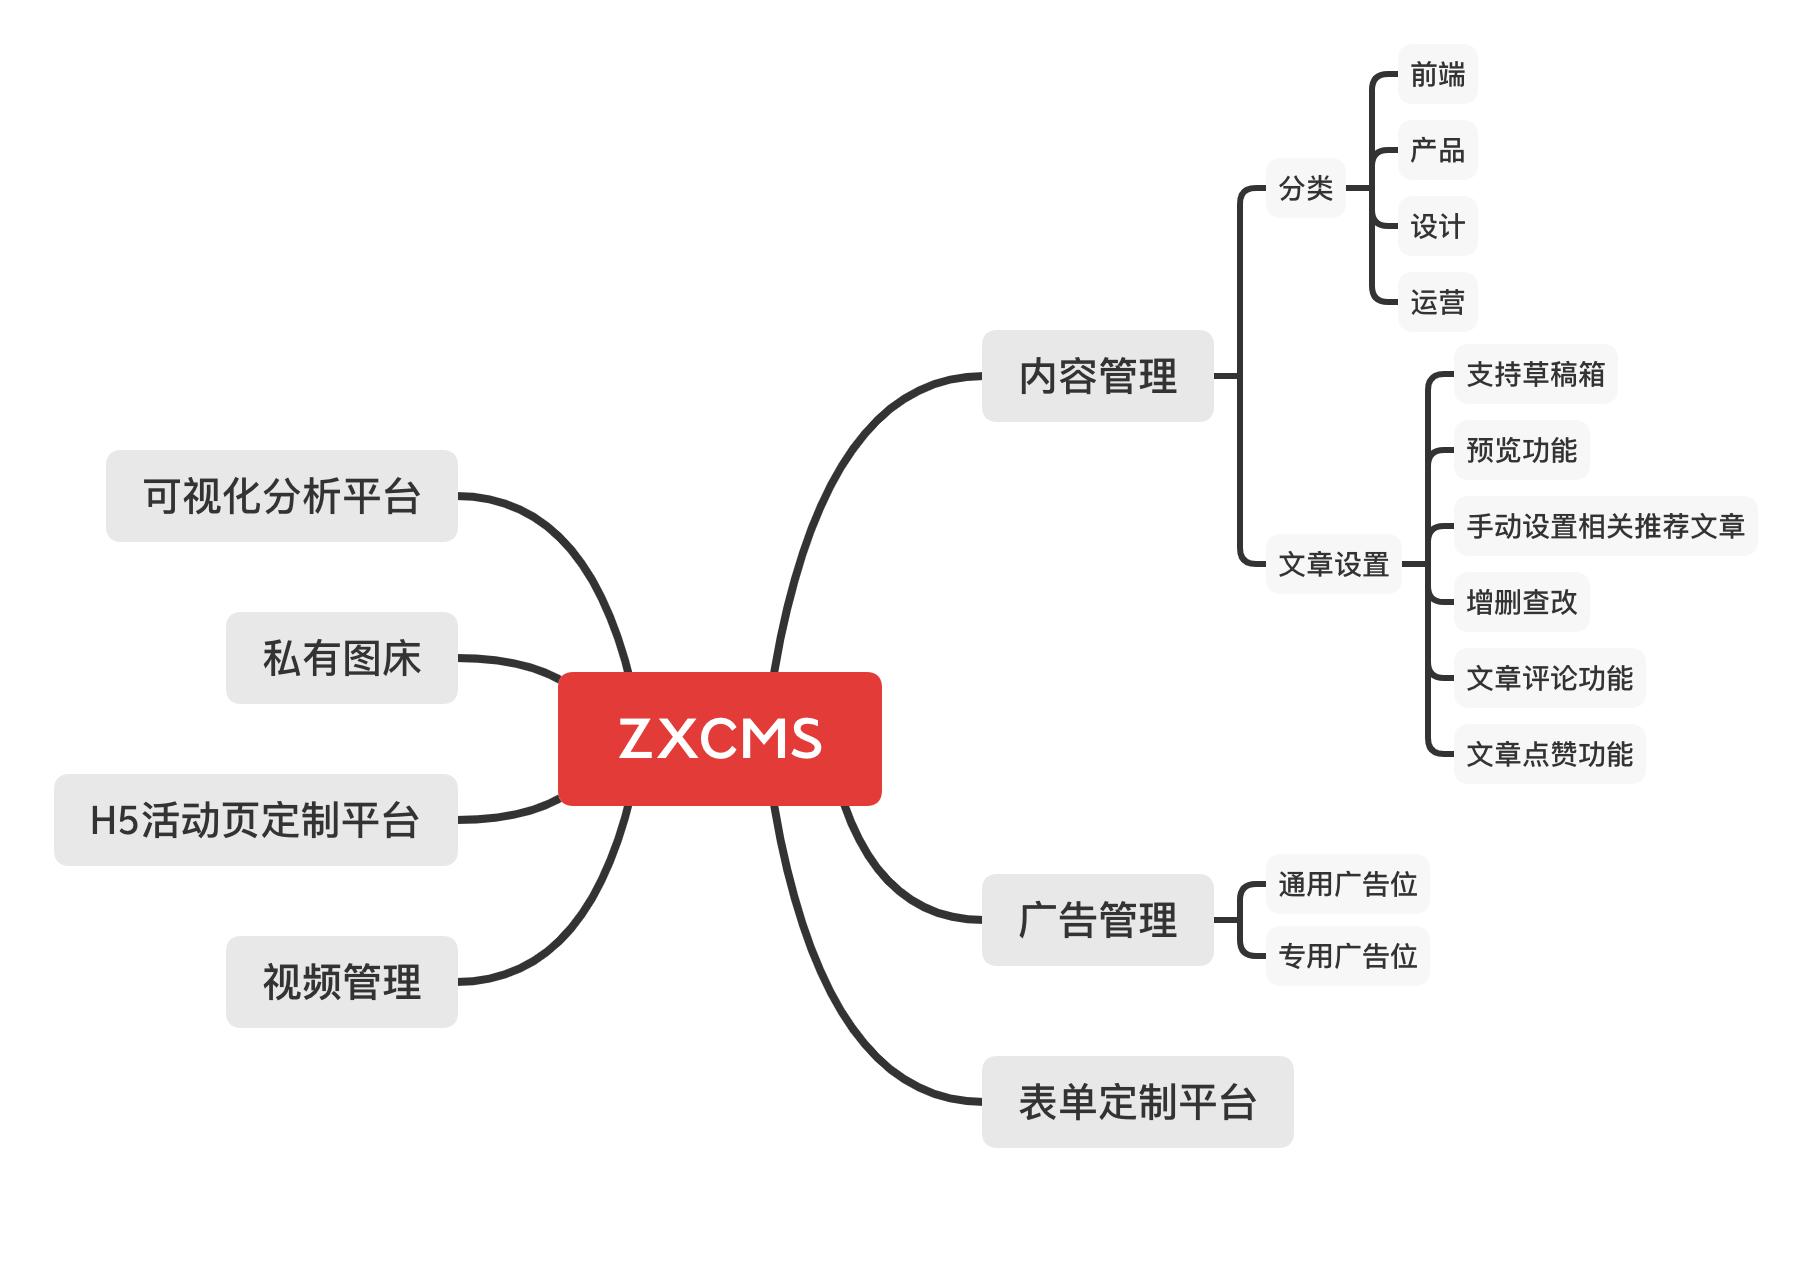 基于react/vue开发一个专属于程序员的朋友圈应用